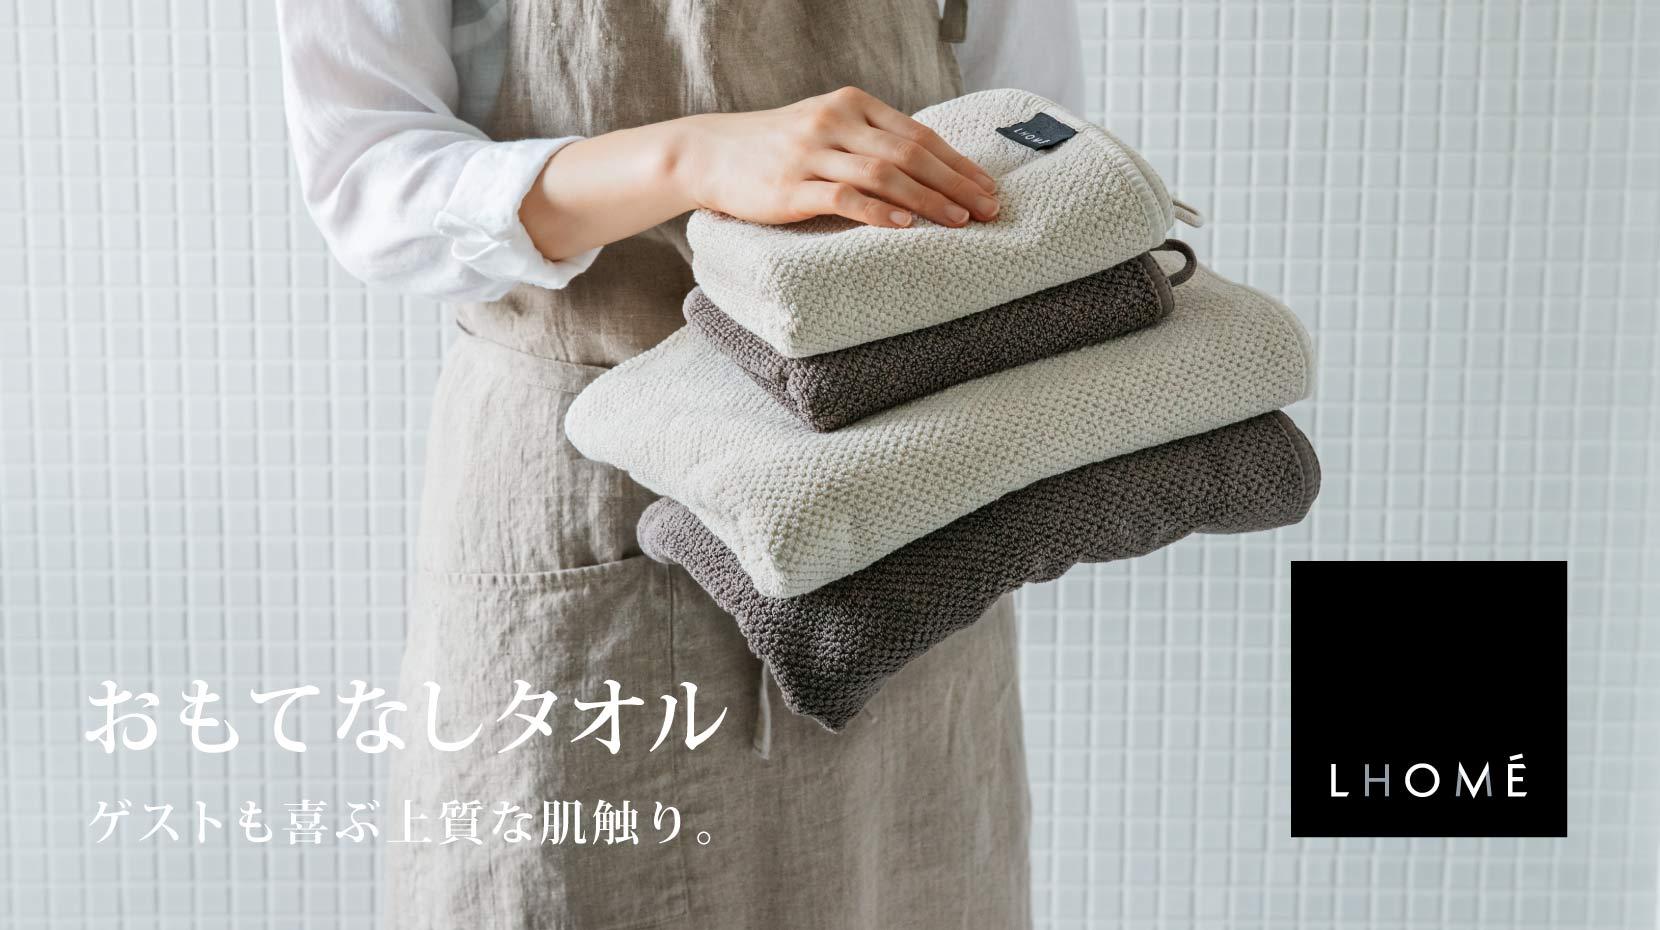 LHOMÉの上質なタオルでおもてなし